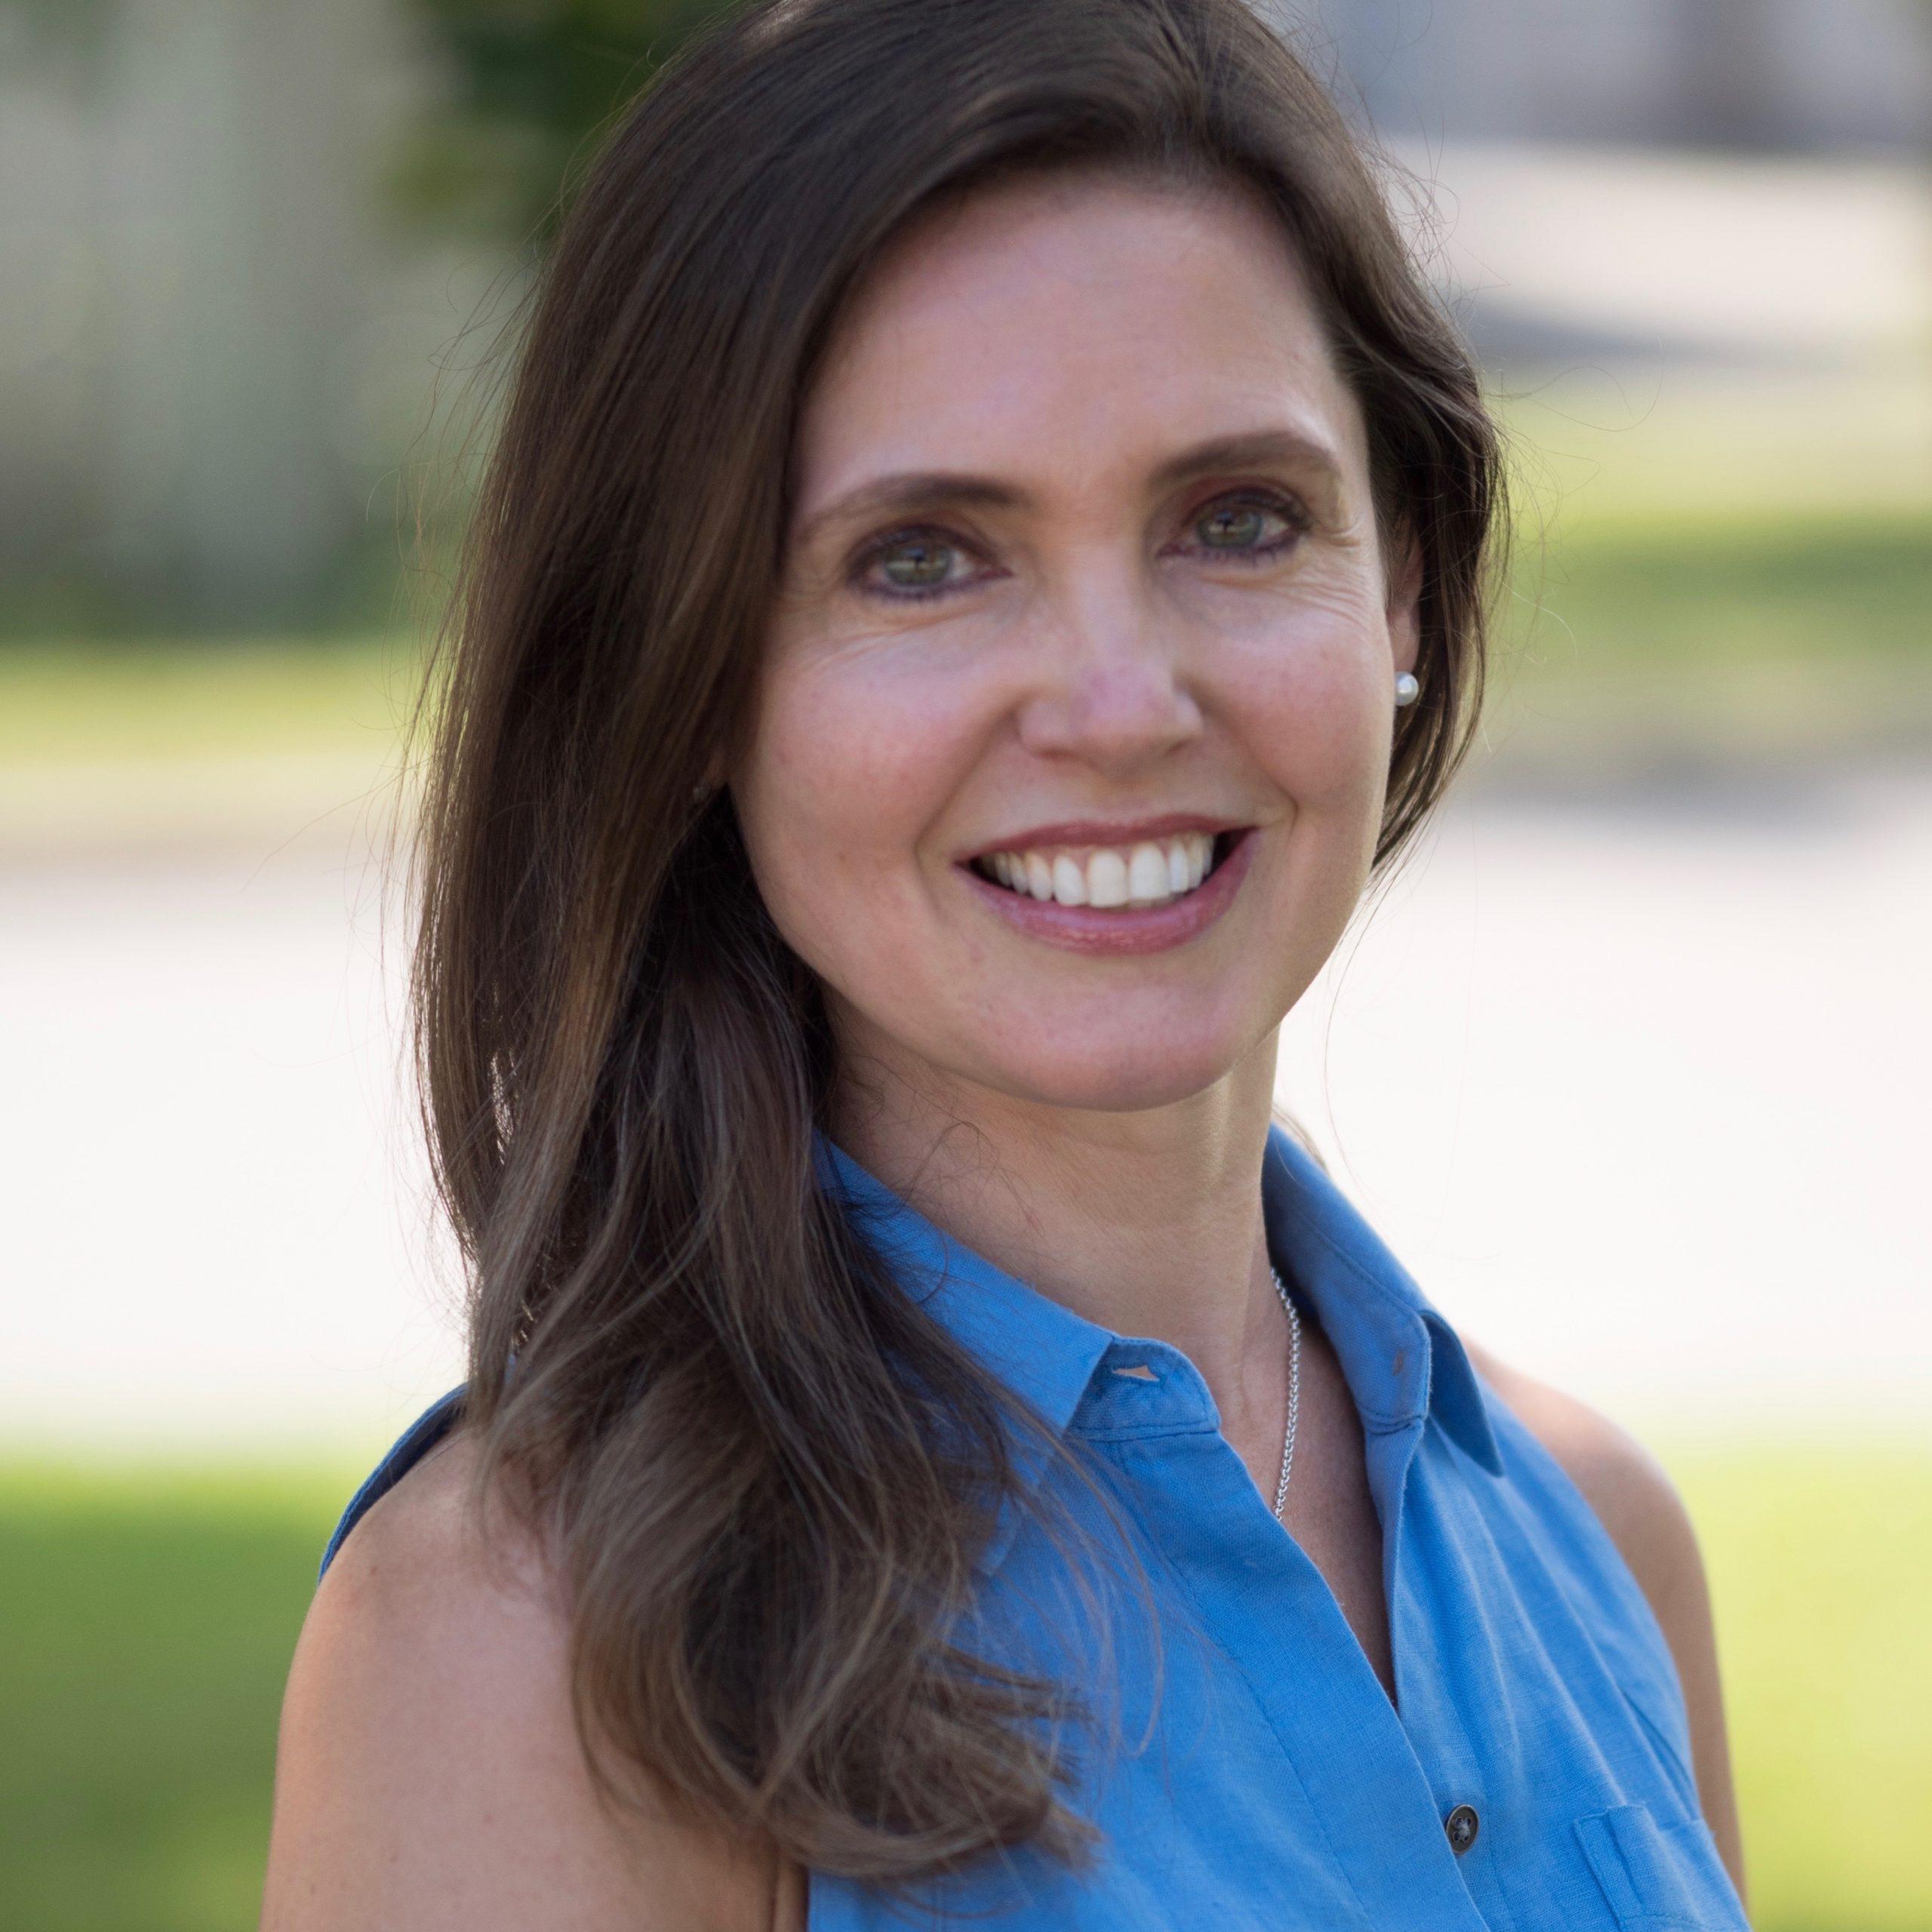 Allison Tedesco